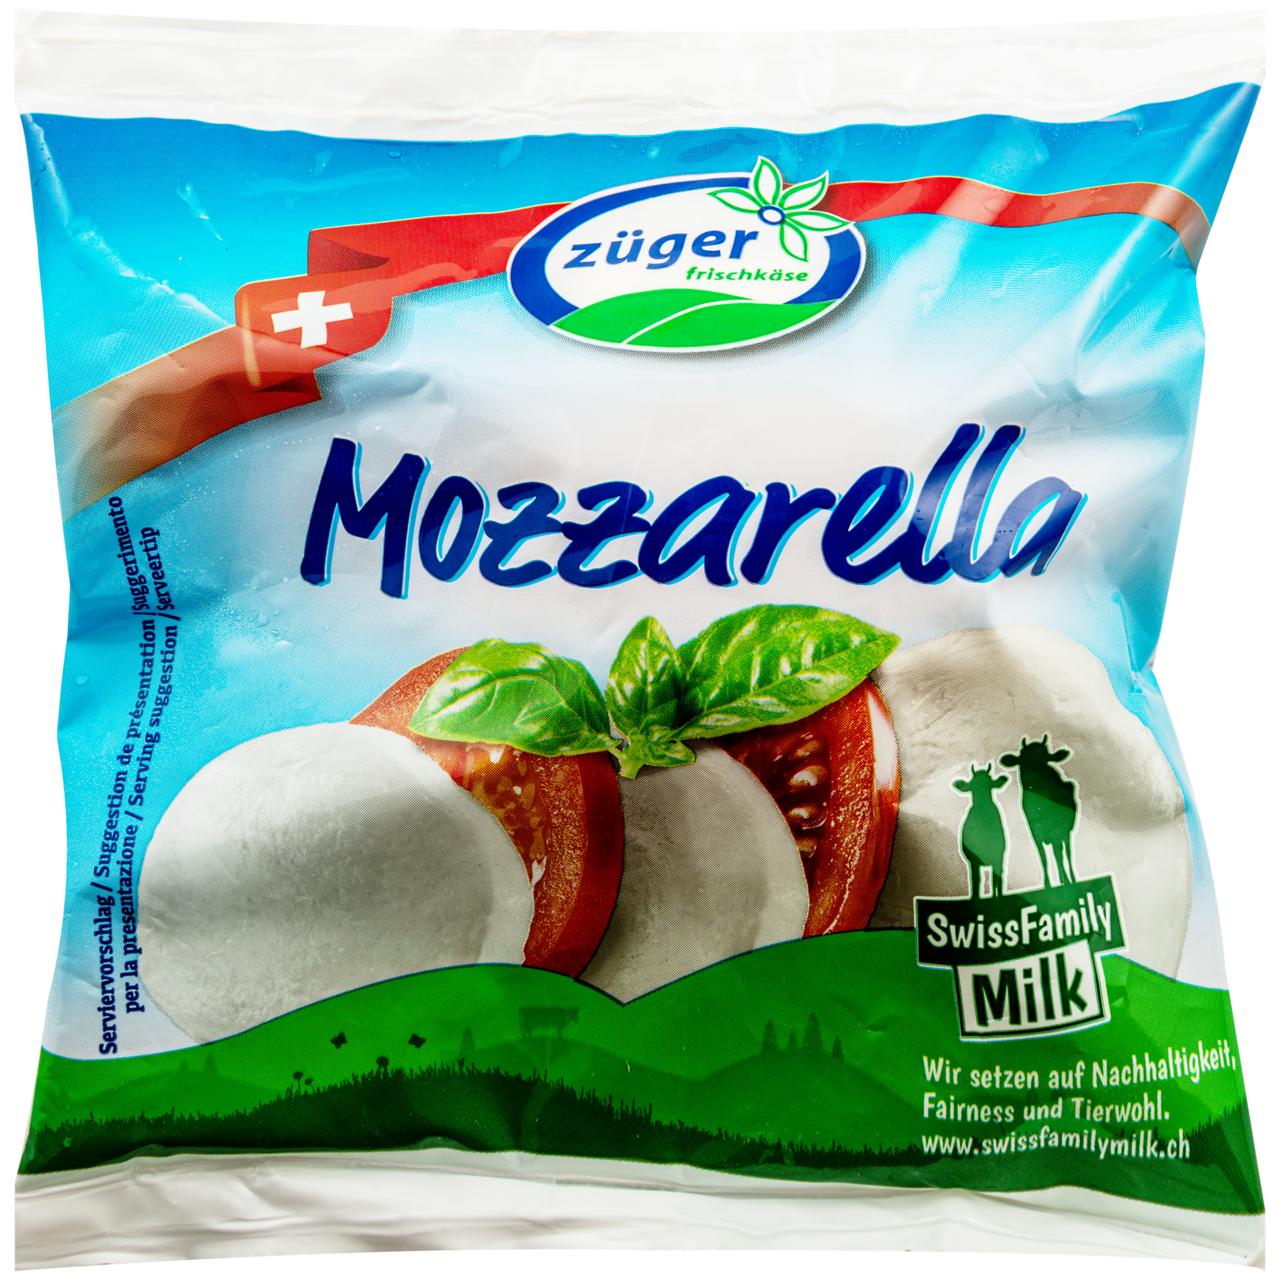 Сир Züger Frischkäse AG Моцарела м`який 40% 125г